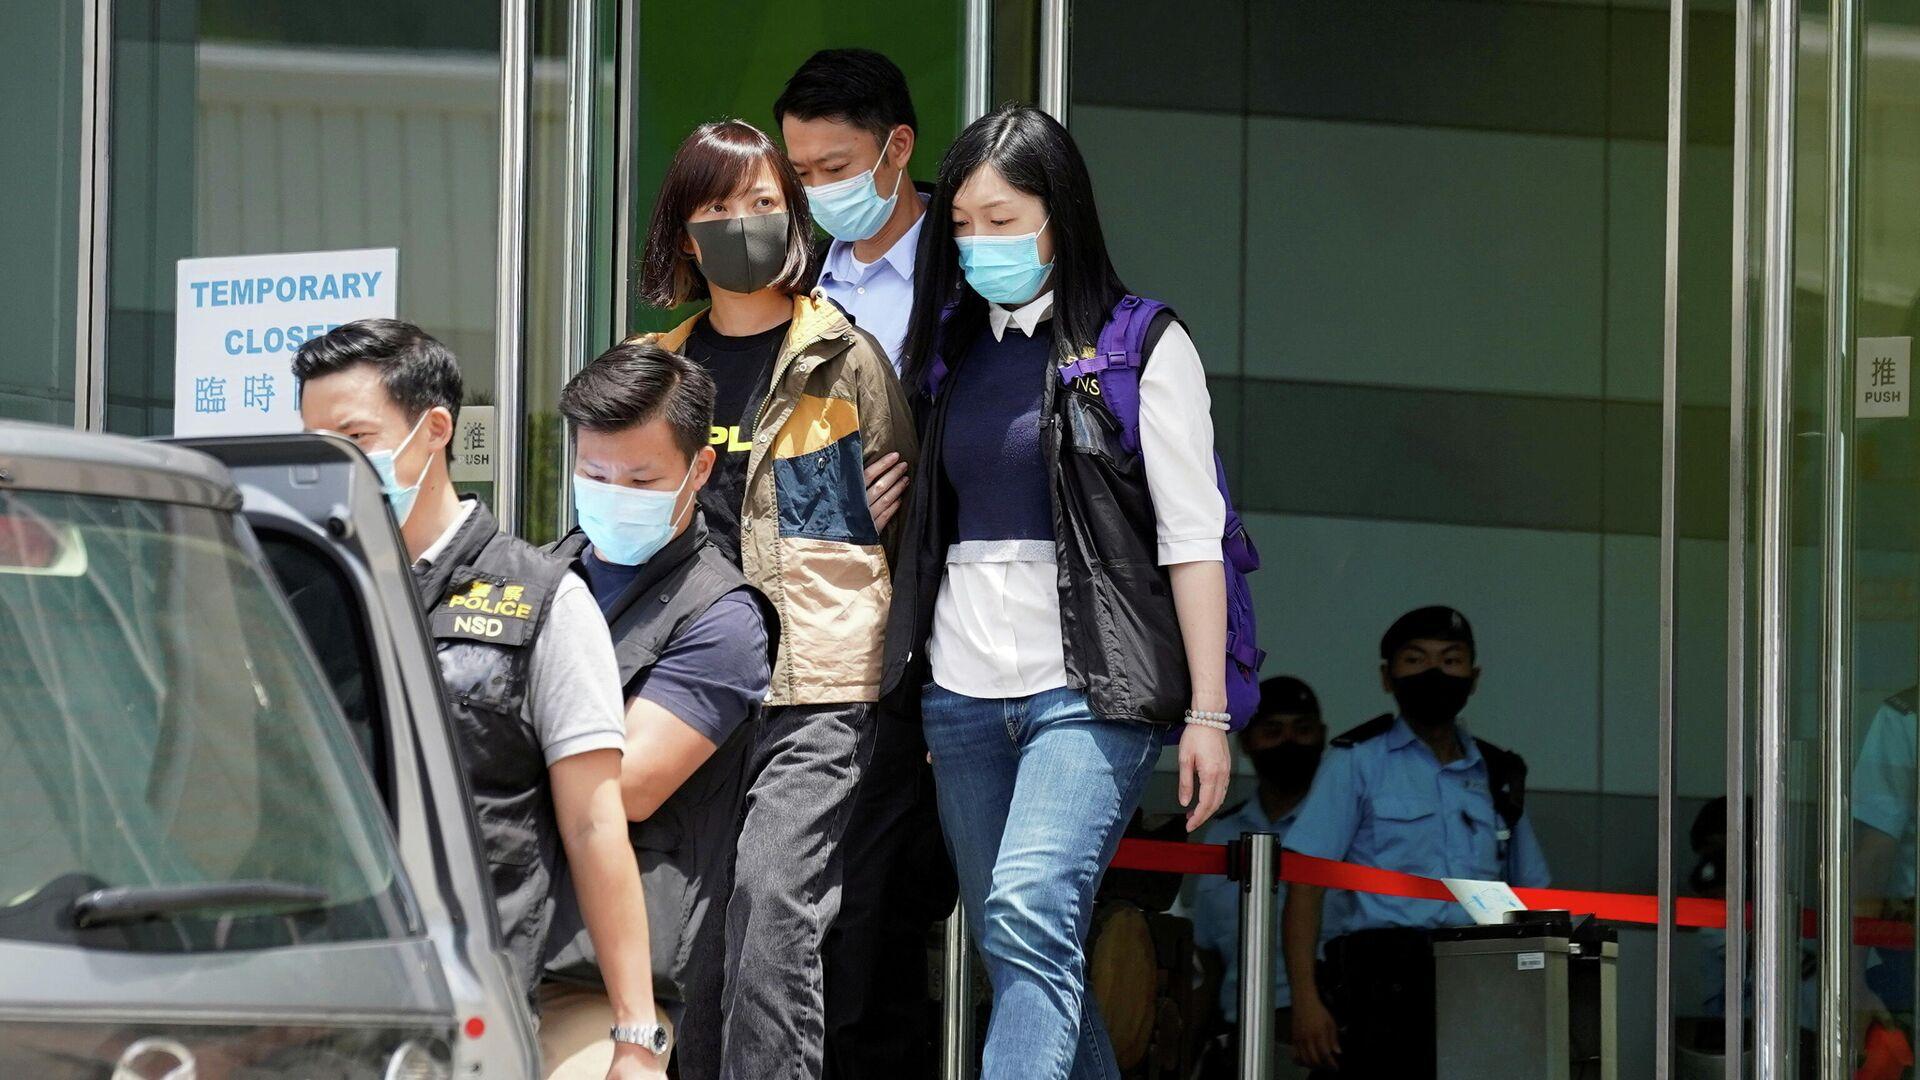 Arresto de 4 ejecutivos del periódico Apple Daily en Hong Kong - Sputnik Mundo, 1920, 17.06.2021